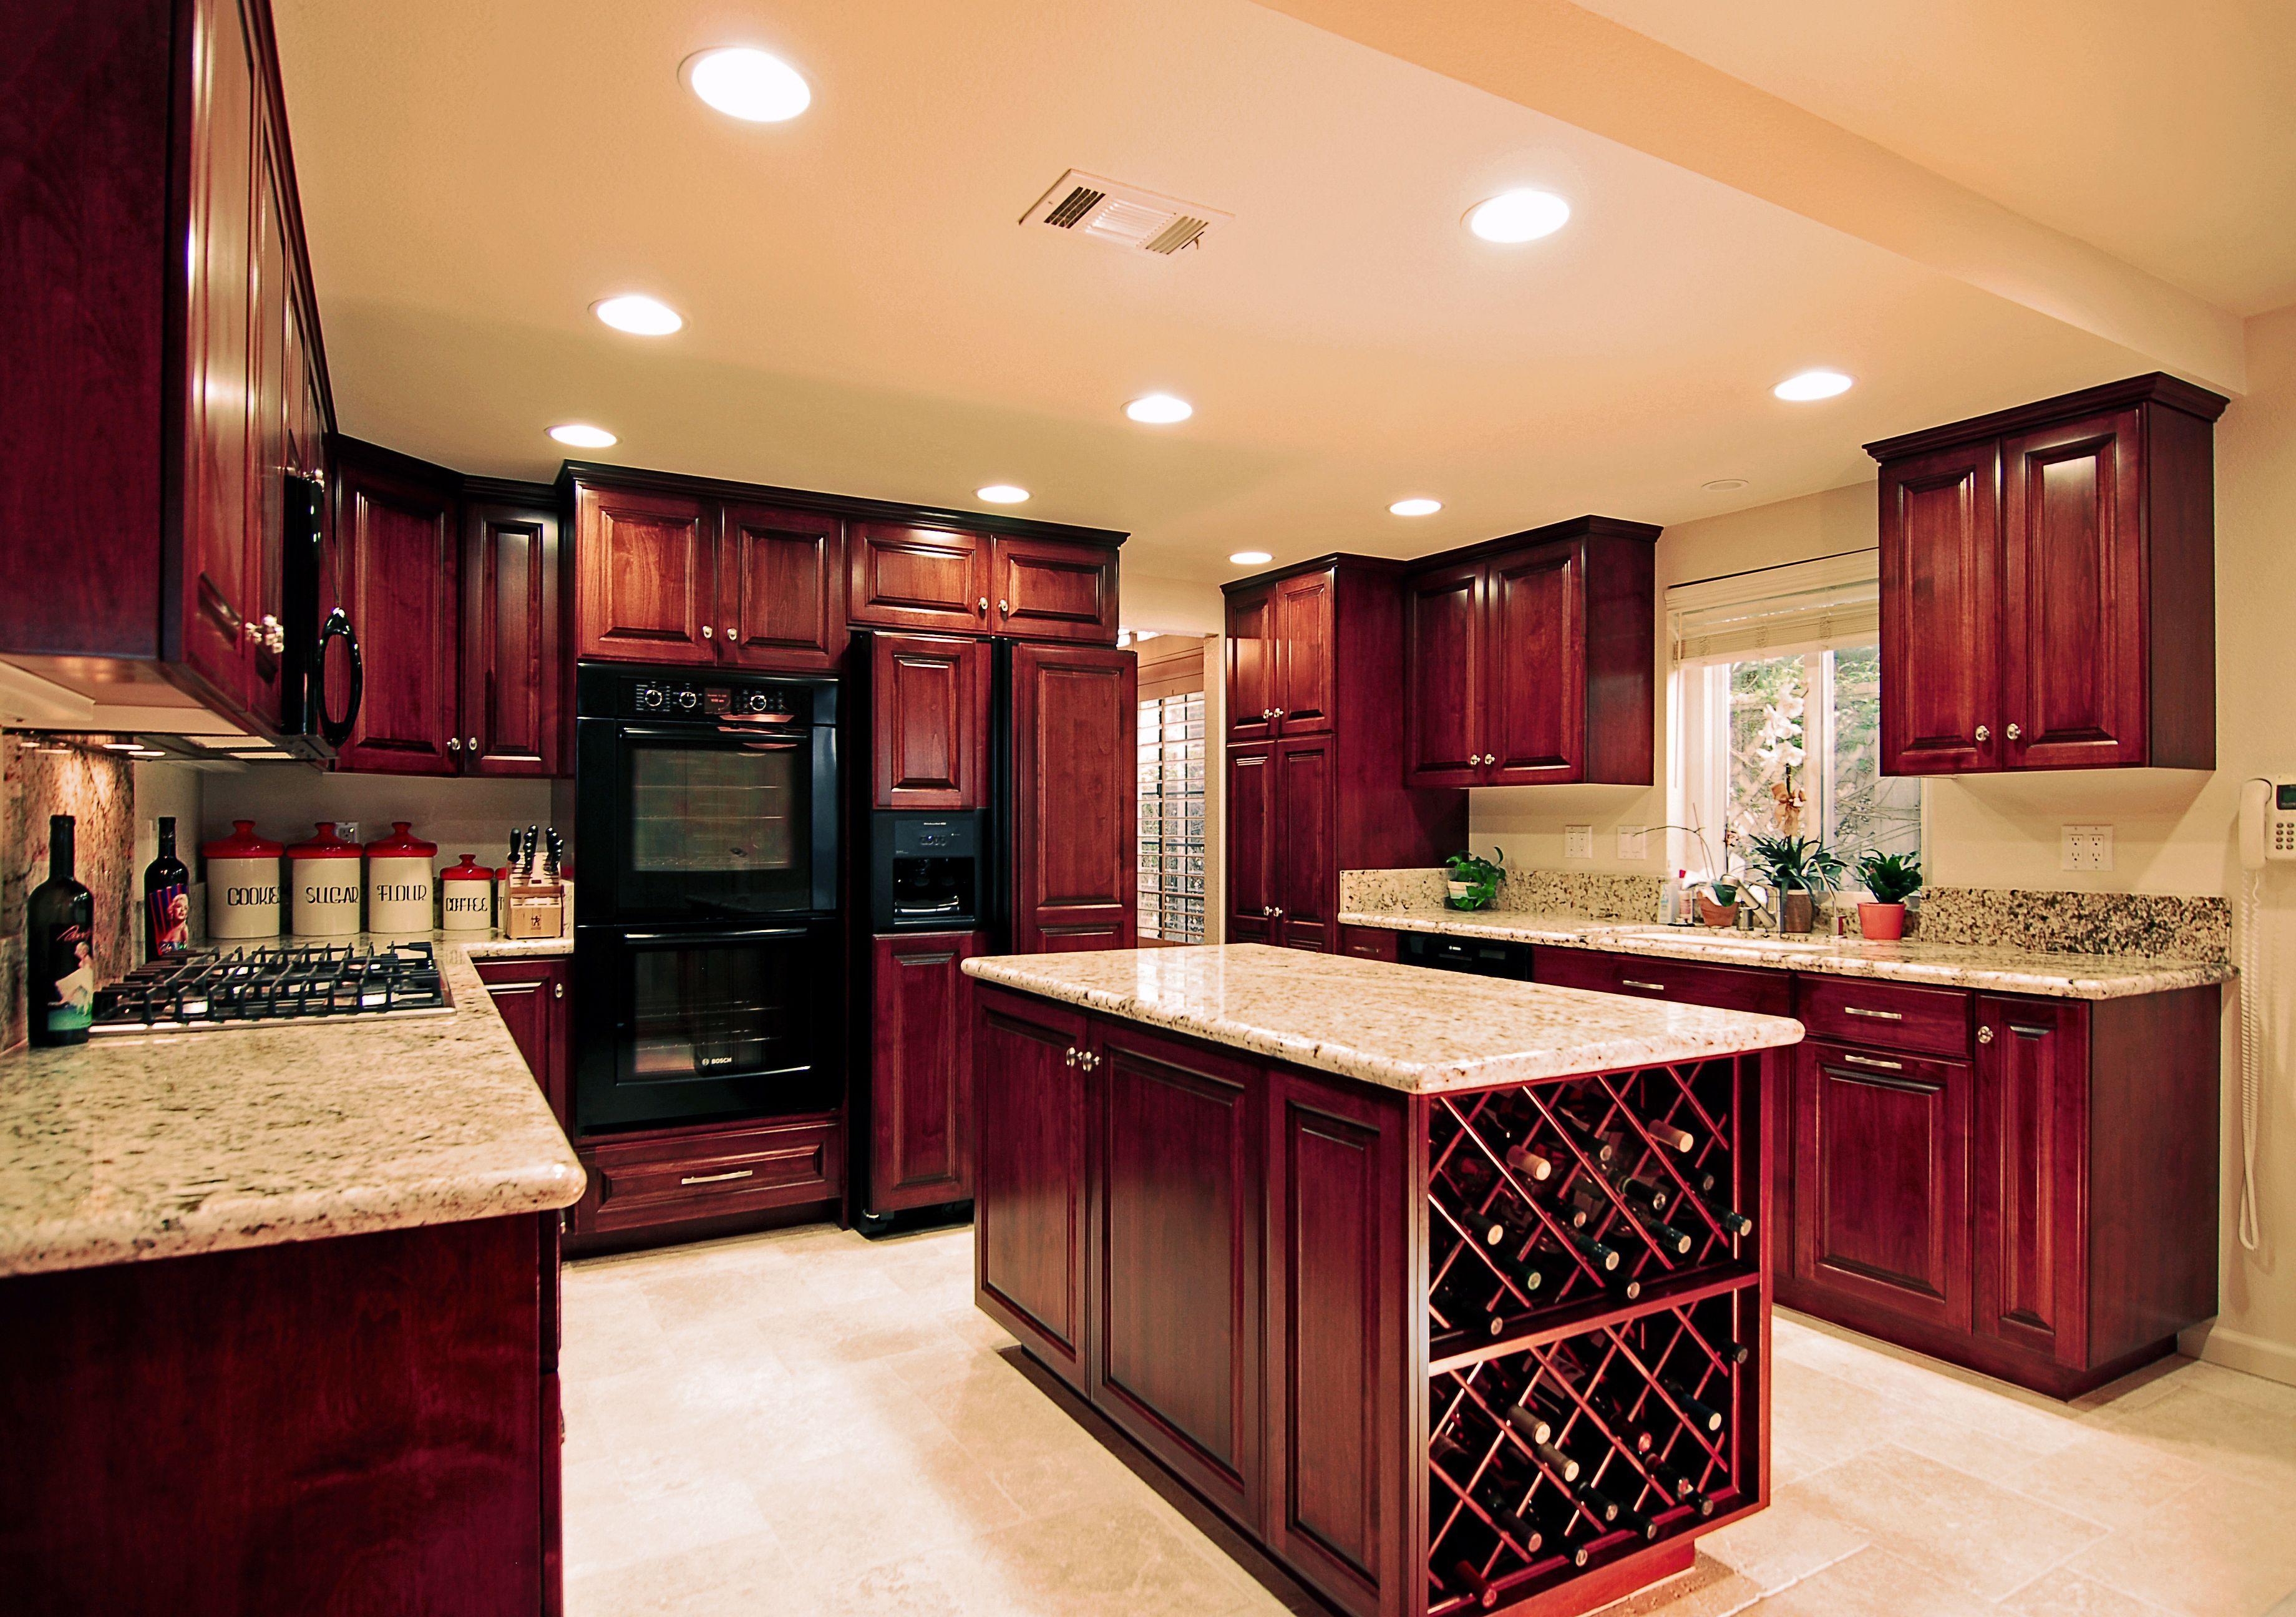 25 Best Cherry Kitchen Cabinets Ideas On Internet Kitchen